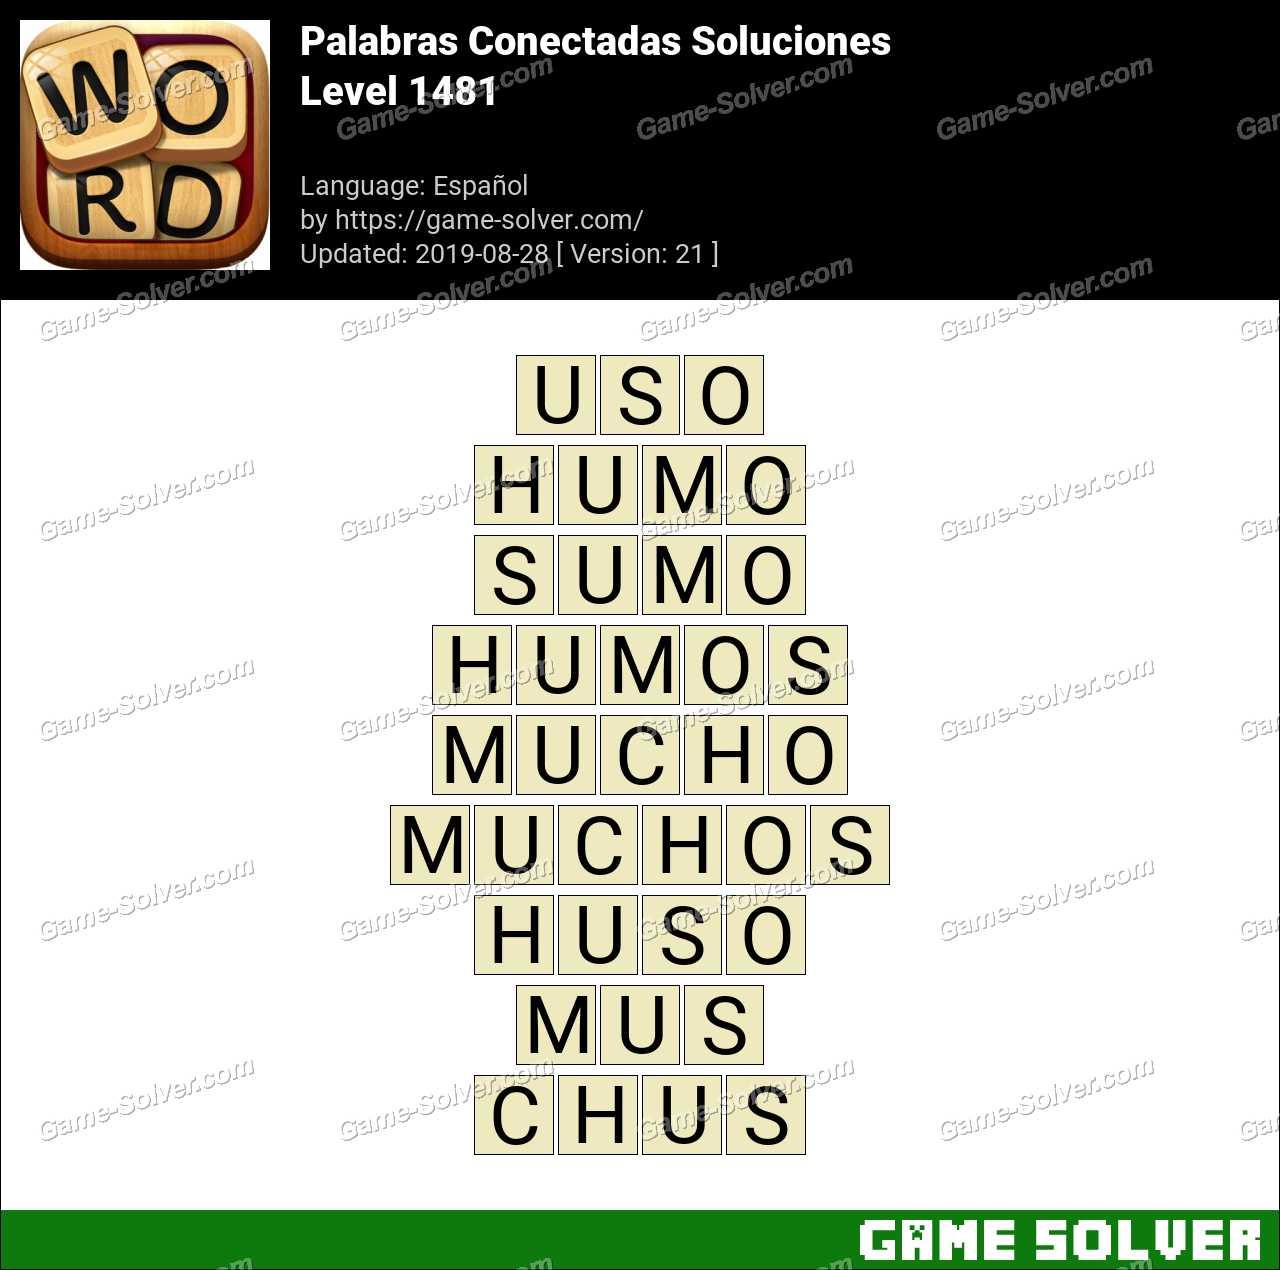 Palabras Conectadas Nivel 1481 Soluciones